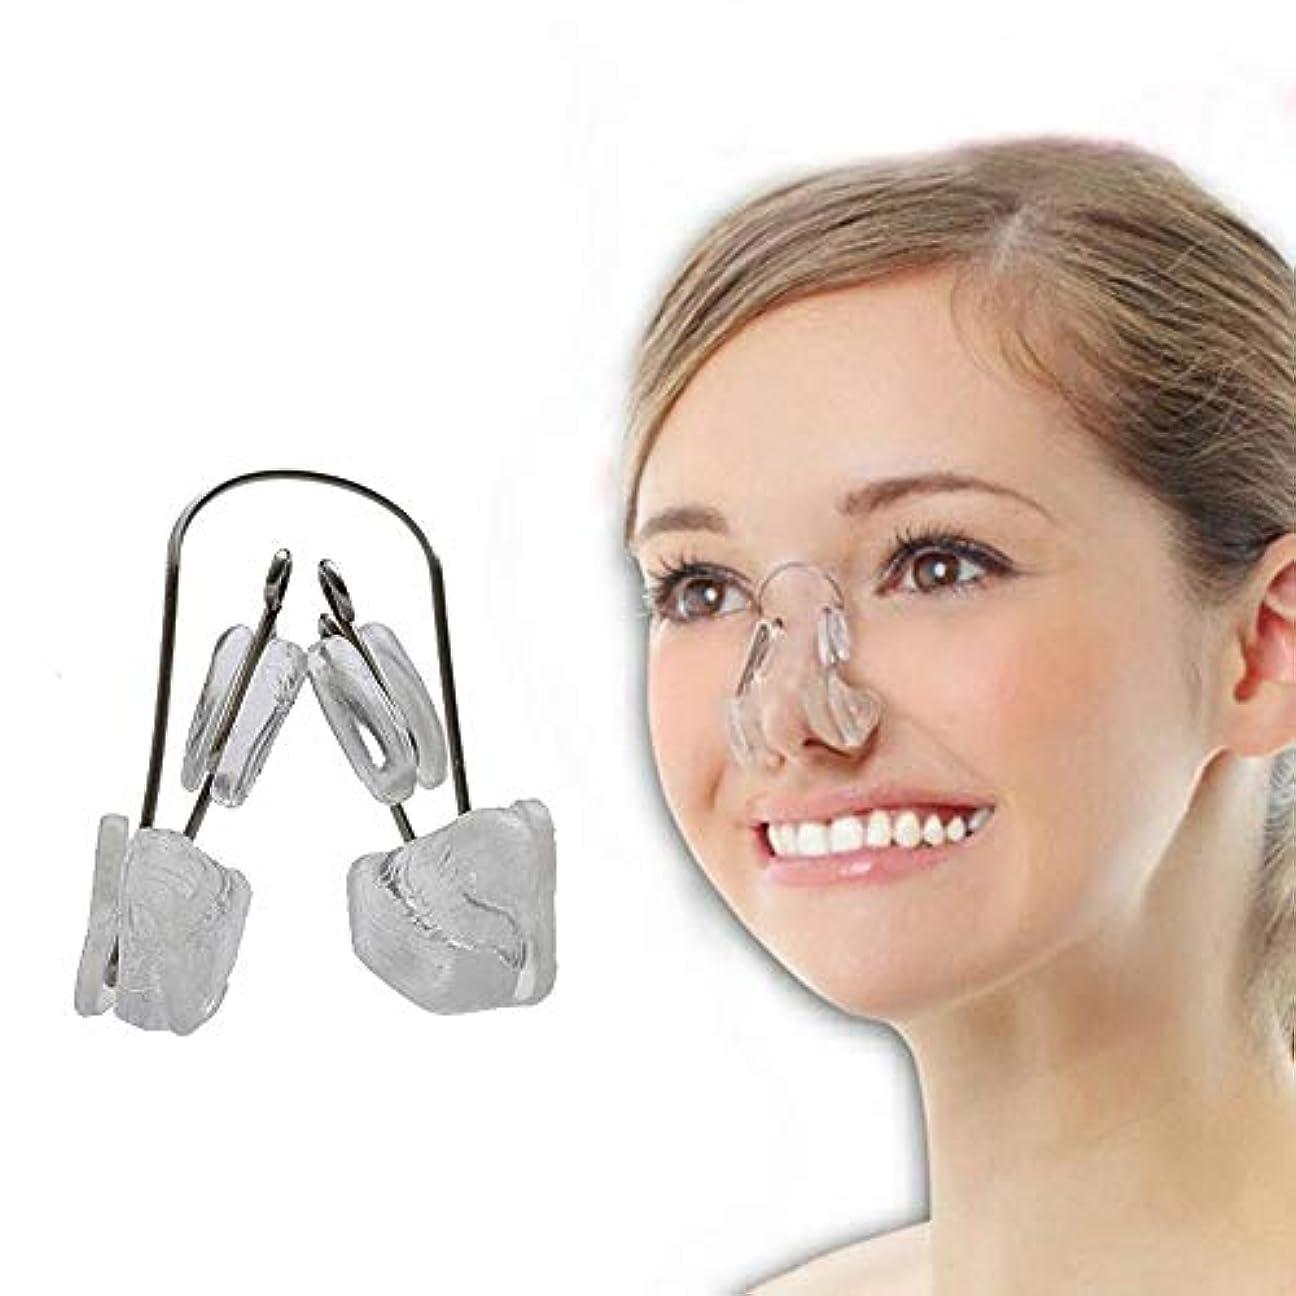 経験感動する苦いLindexs ないノーズアップピン ノーズアップピン 美鼻クリップ 鼻高く 鼻筋 矯正 (クリア)